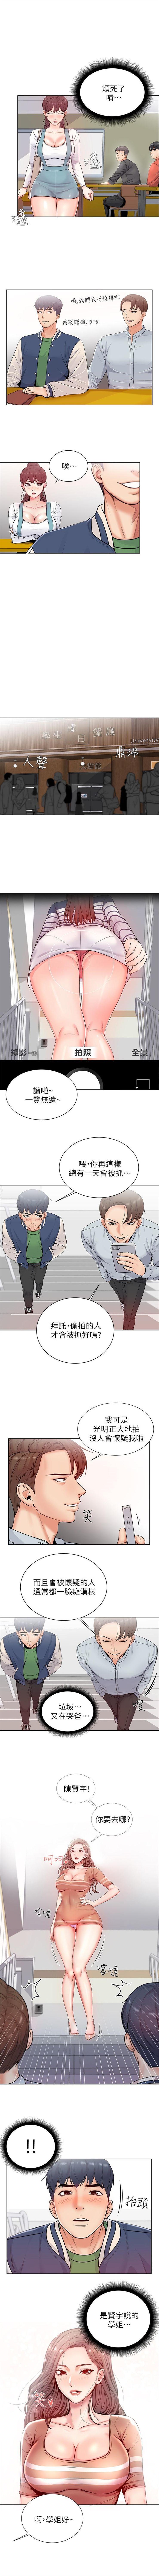 (週3)超市的漂亮姐姐 1-18 中文翻譯(更新中) 12